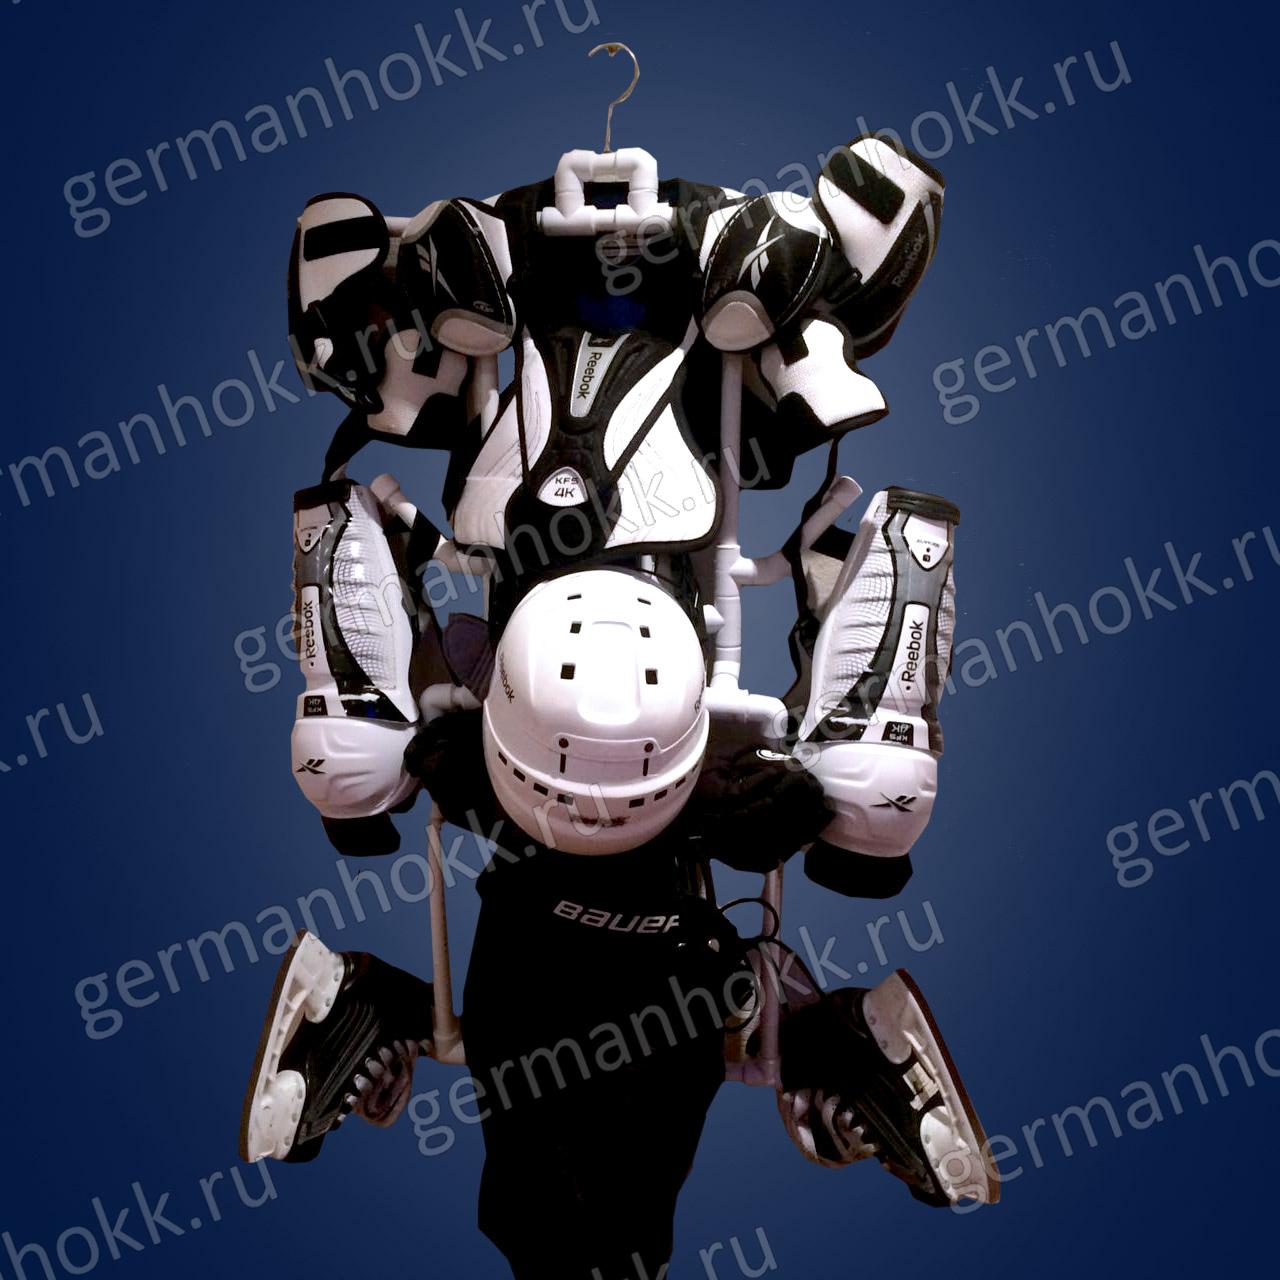 Вешалка для хоккейной формыКНИЖКА от GermanHokkс экипировкой